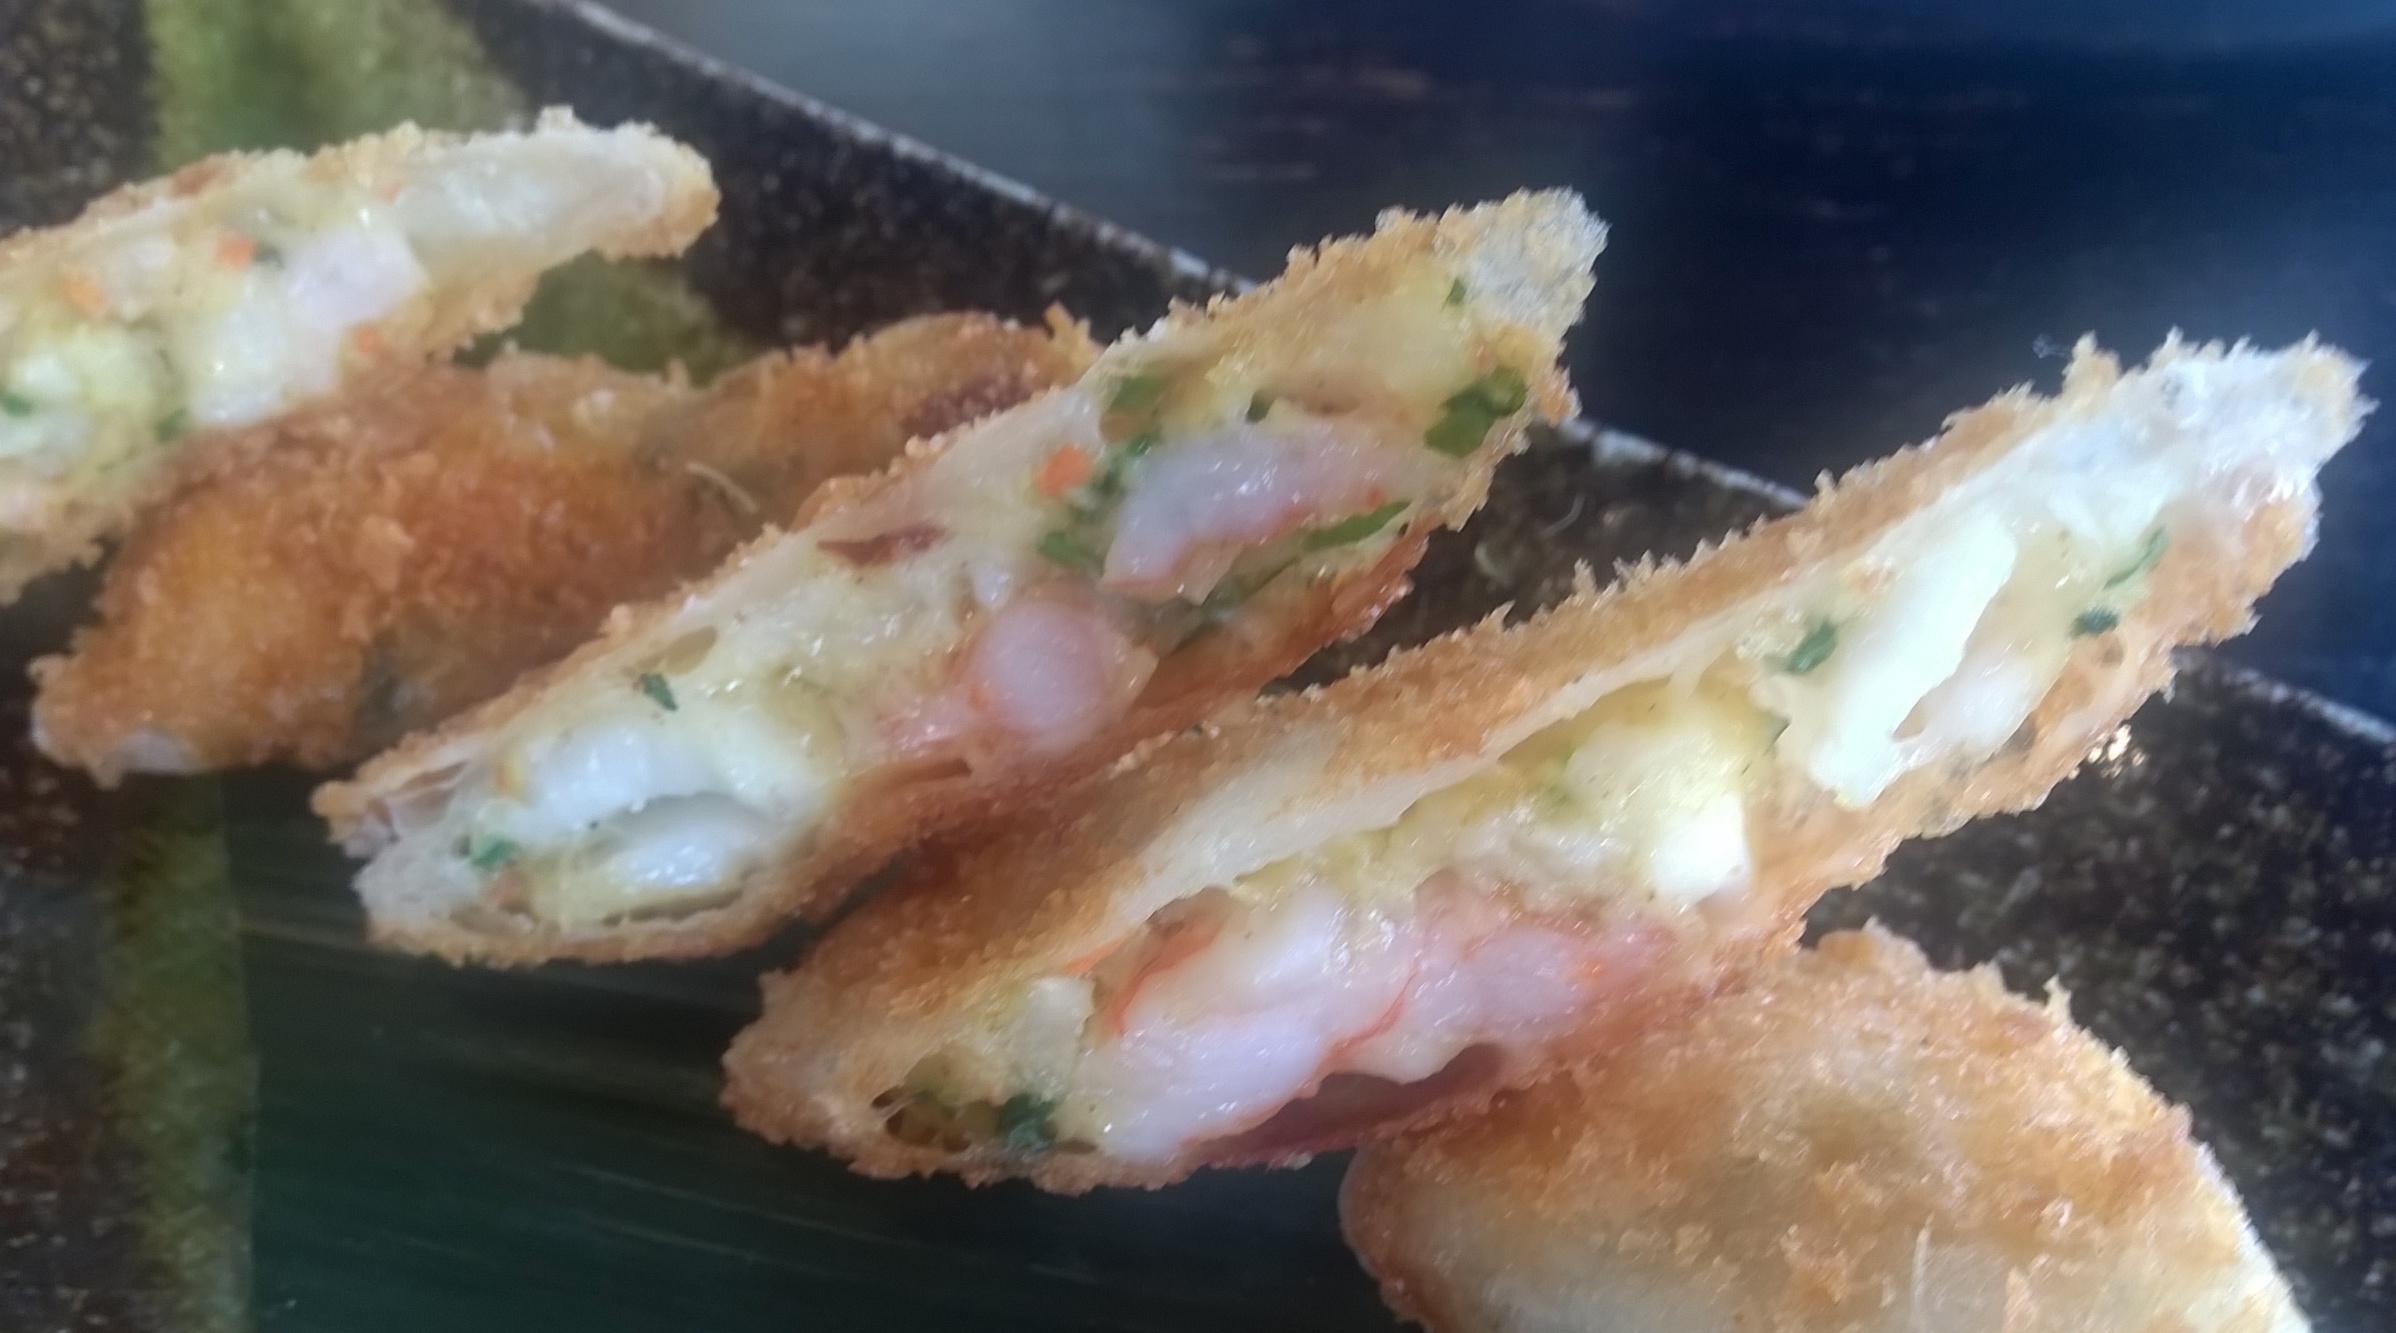 Crispy seafood rolls